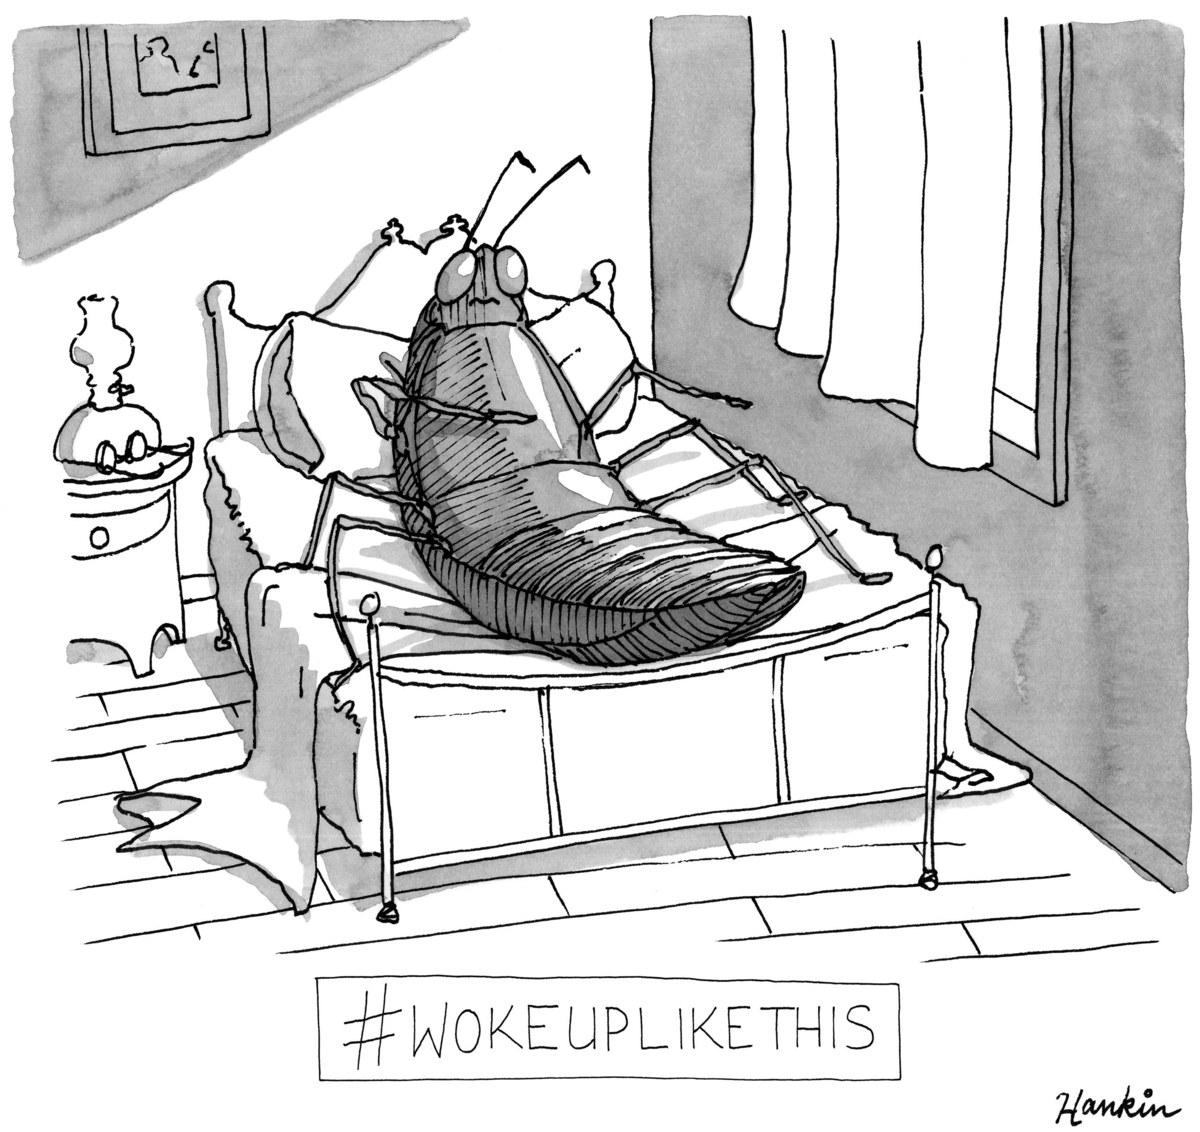 wokeuplikethis